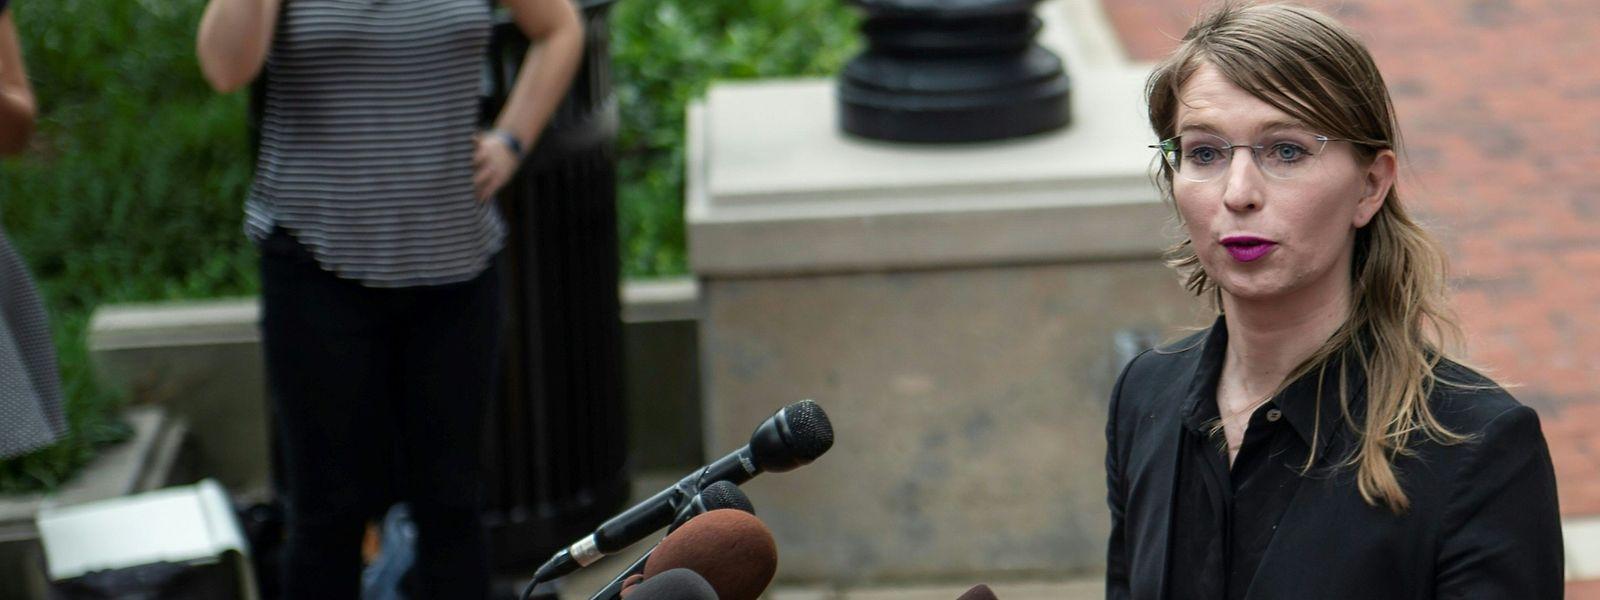 Chelsea Manning spricht am 16. Mai zu Journalisten vor dem Gericht in Alexandria im US-Bundesstaat Virginia.